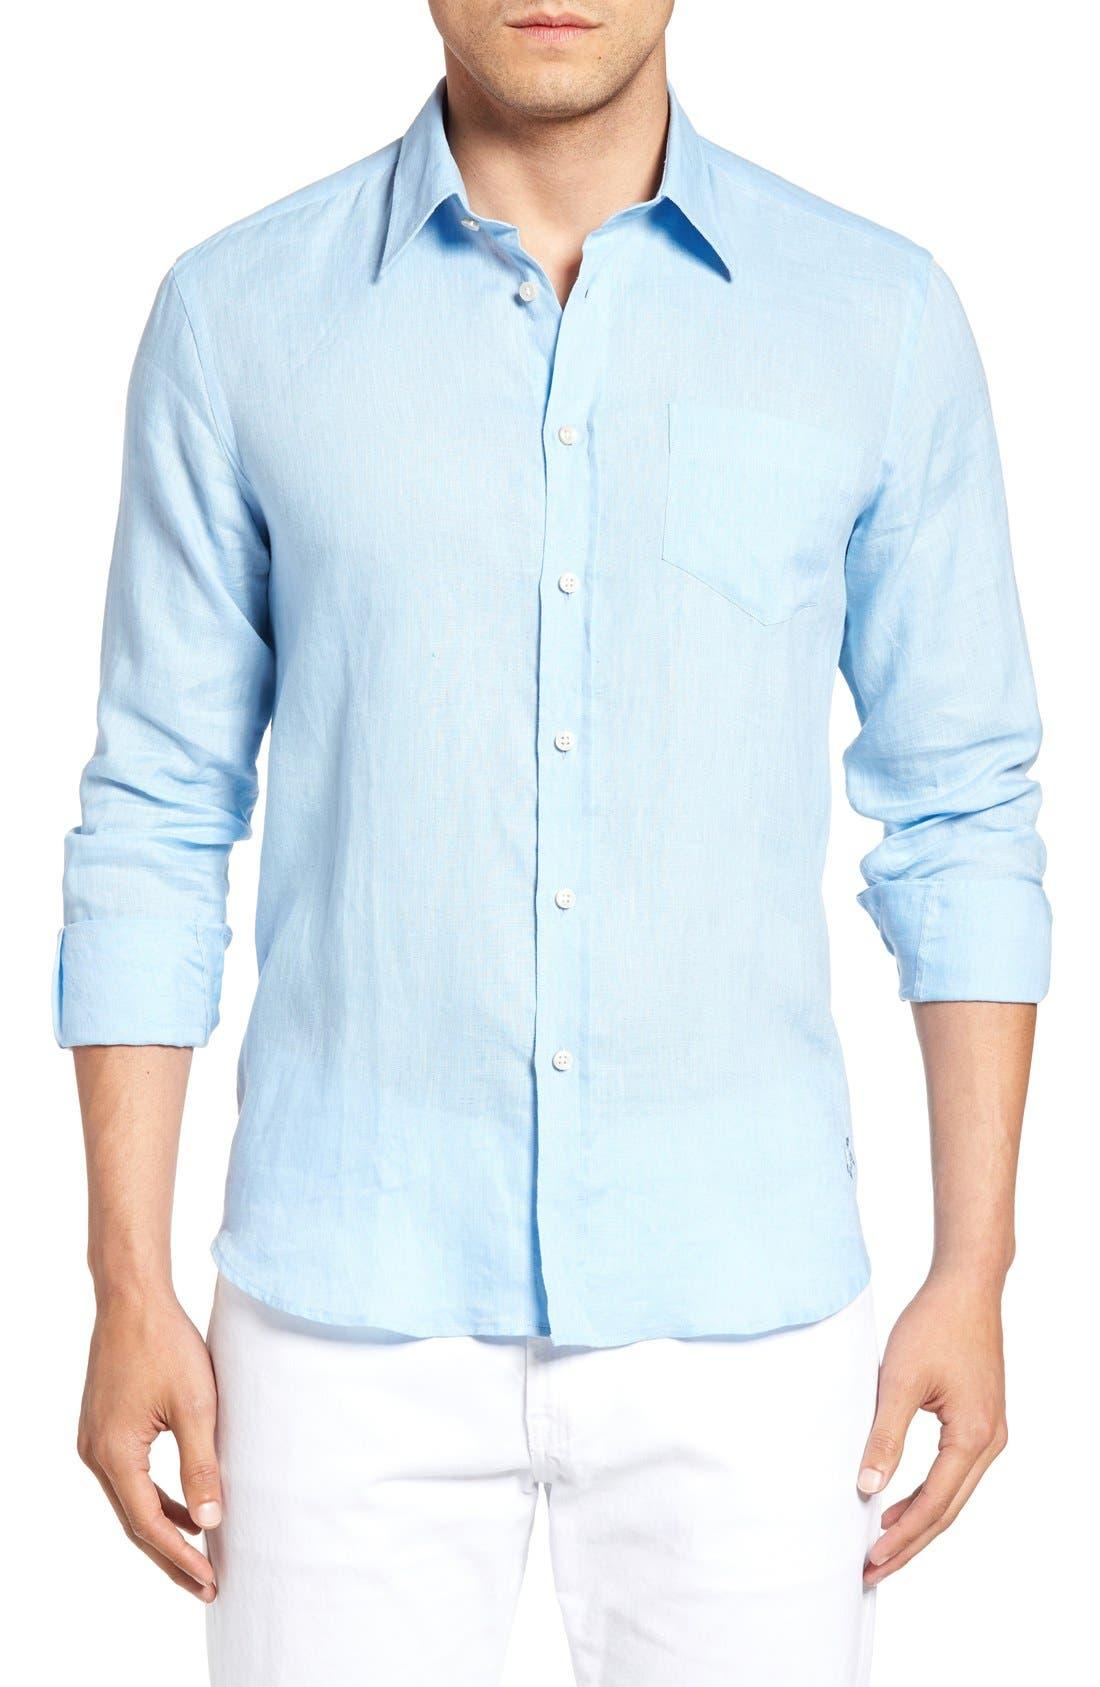 Caroubie Regular Fit Linen Sport Shirt,                         Main,                         color, Sky Blue